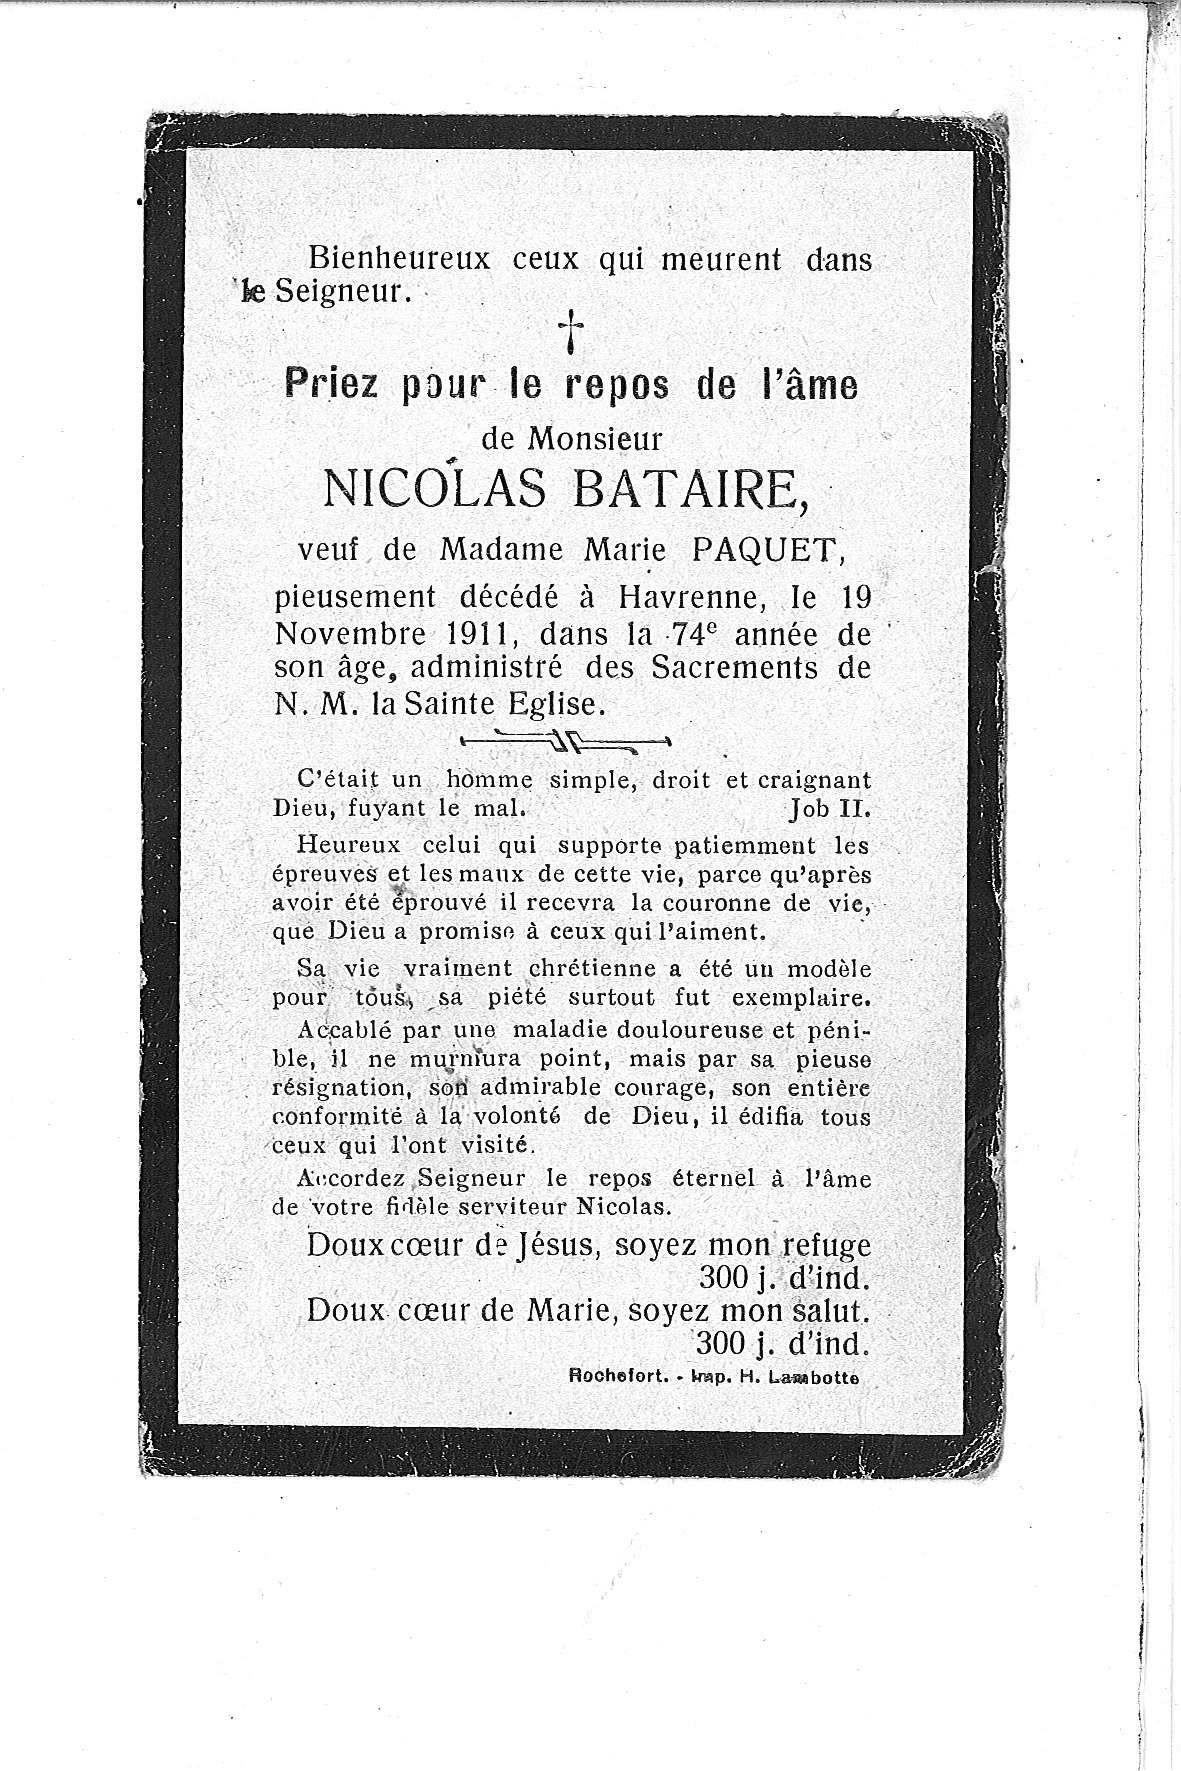 Nicolas(1911)20101020093945_00020.jpg